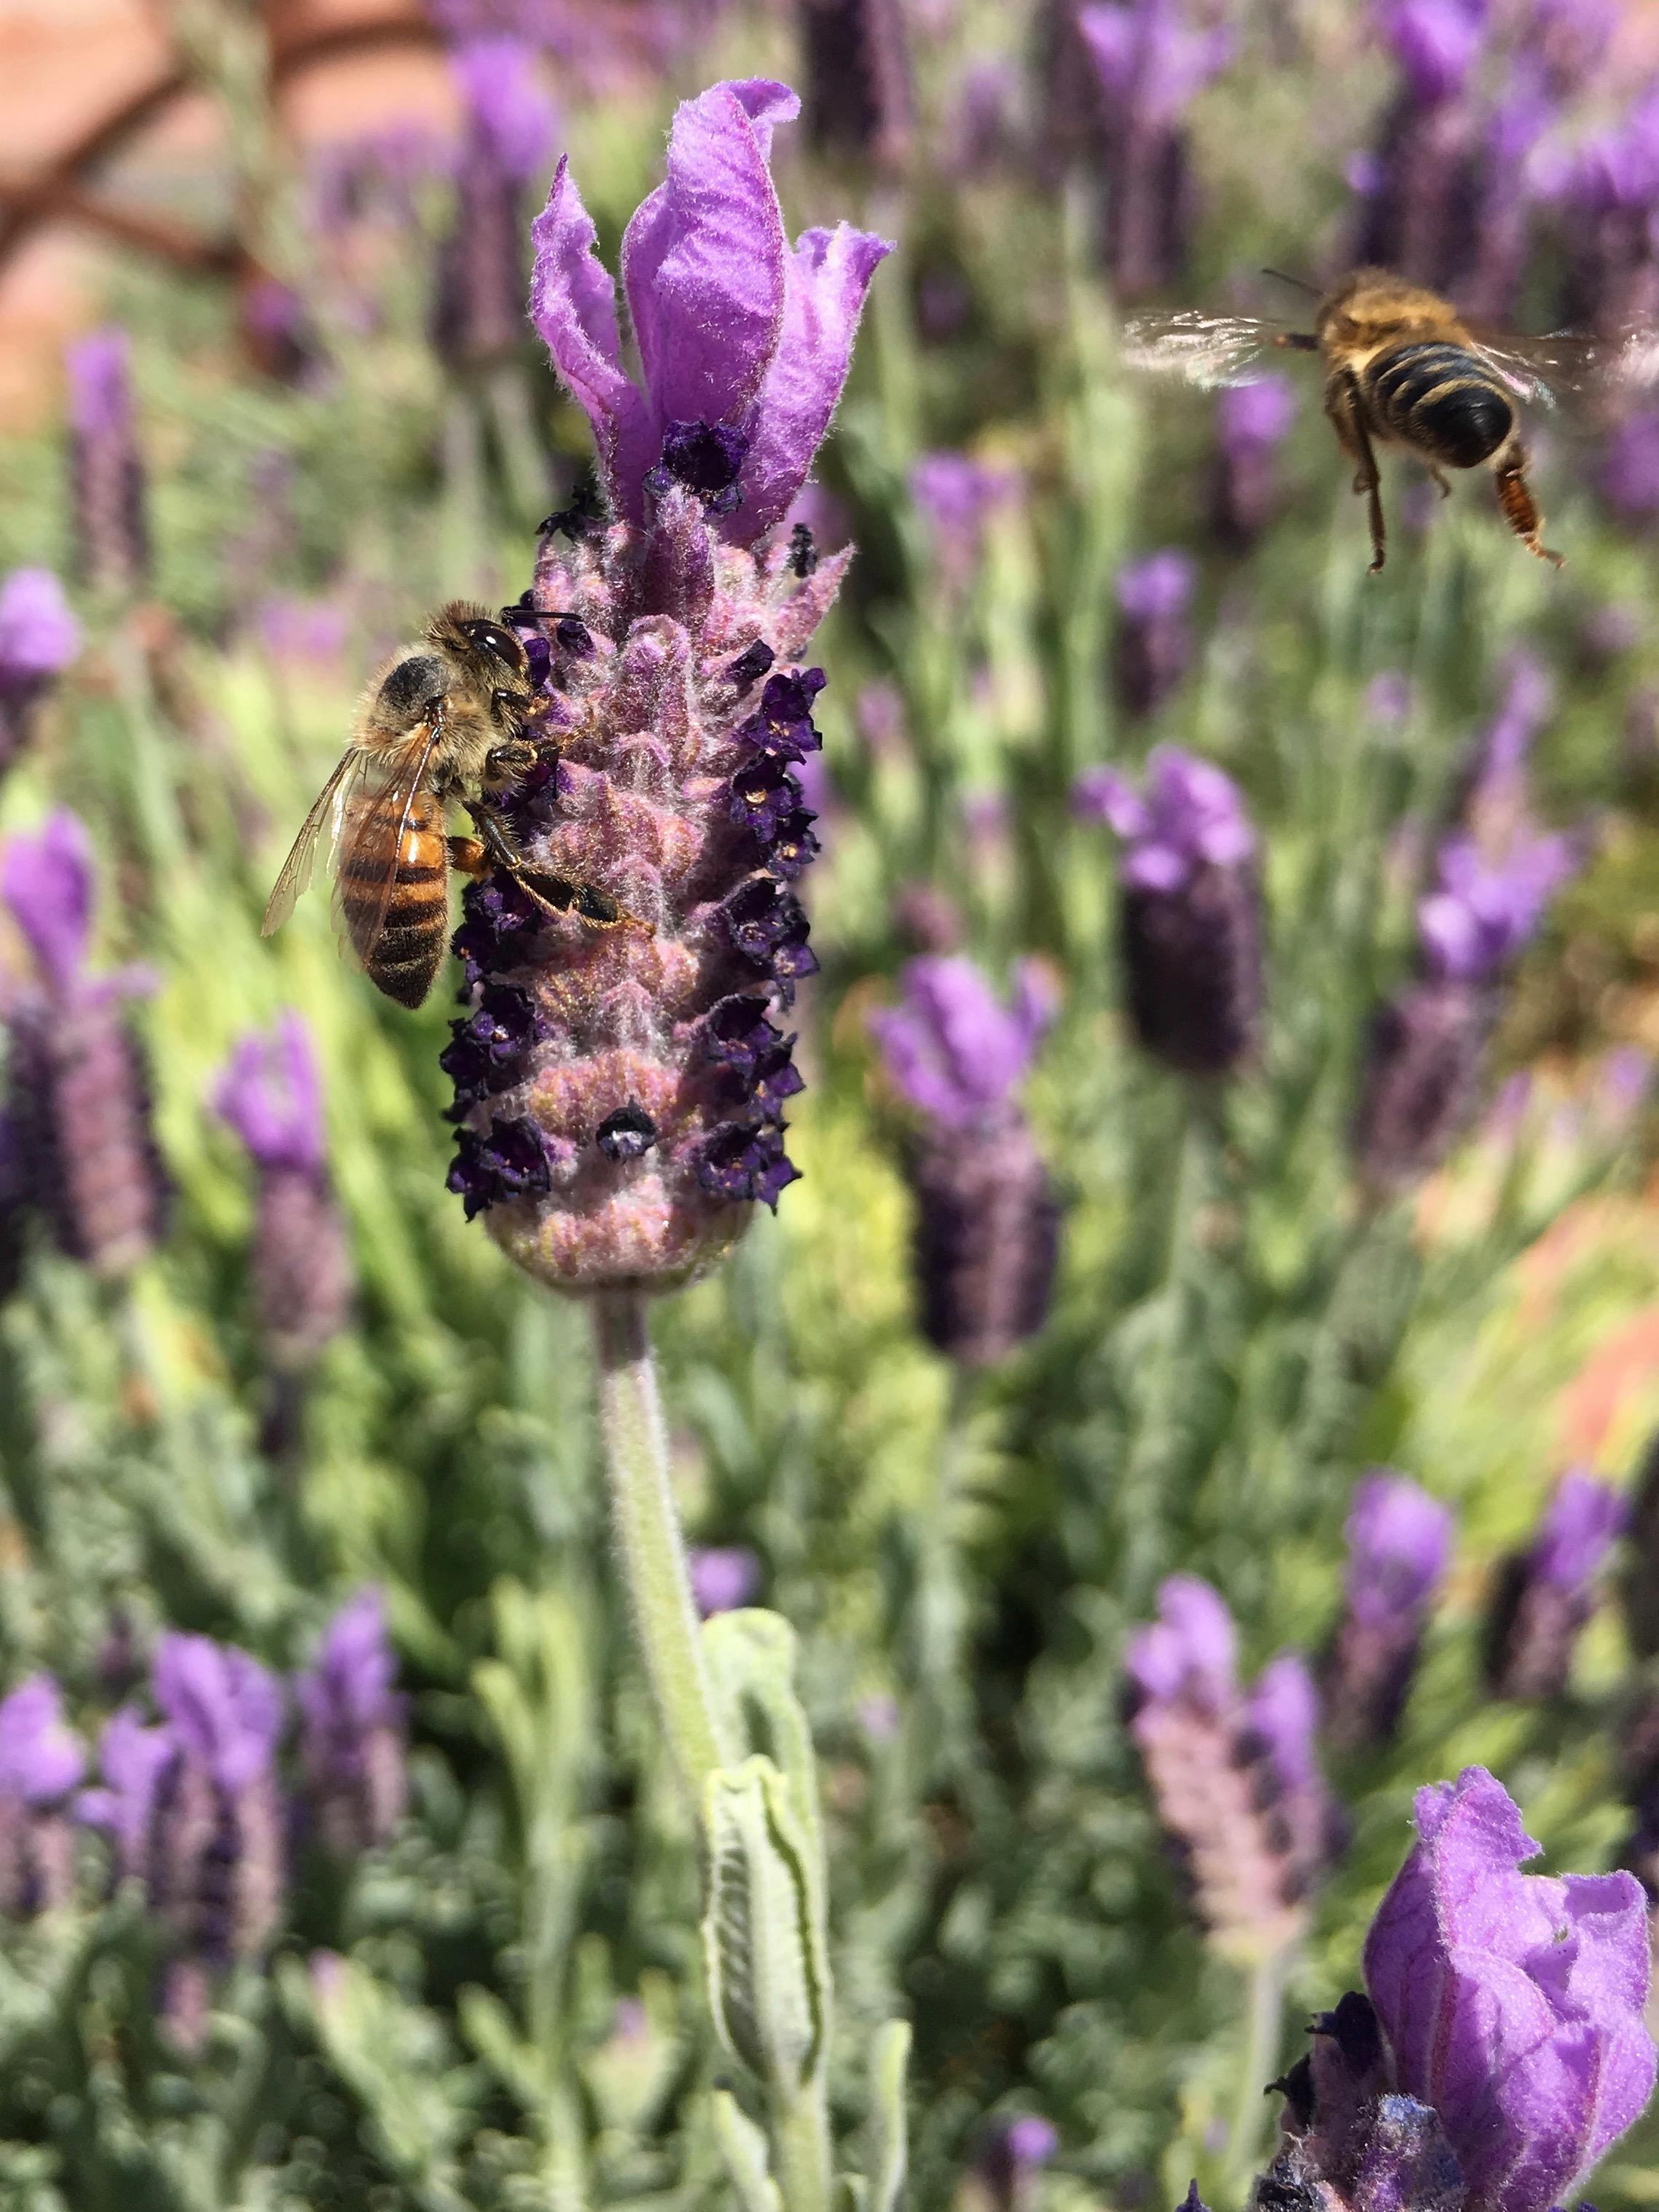 lavenderbees.jpg